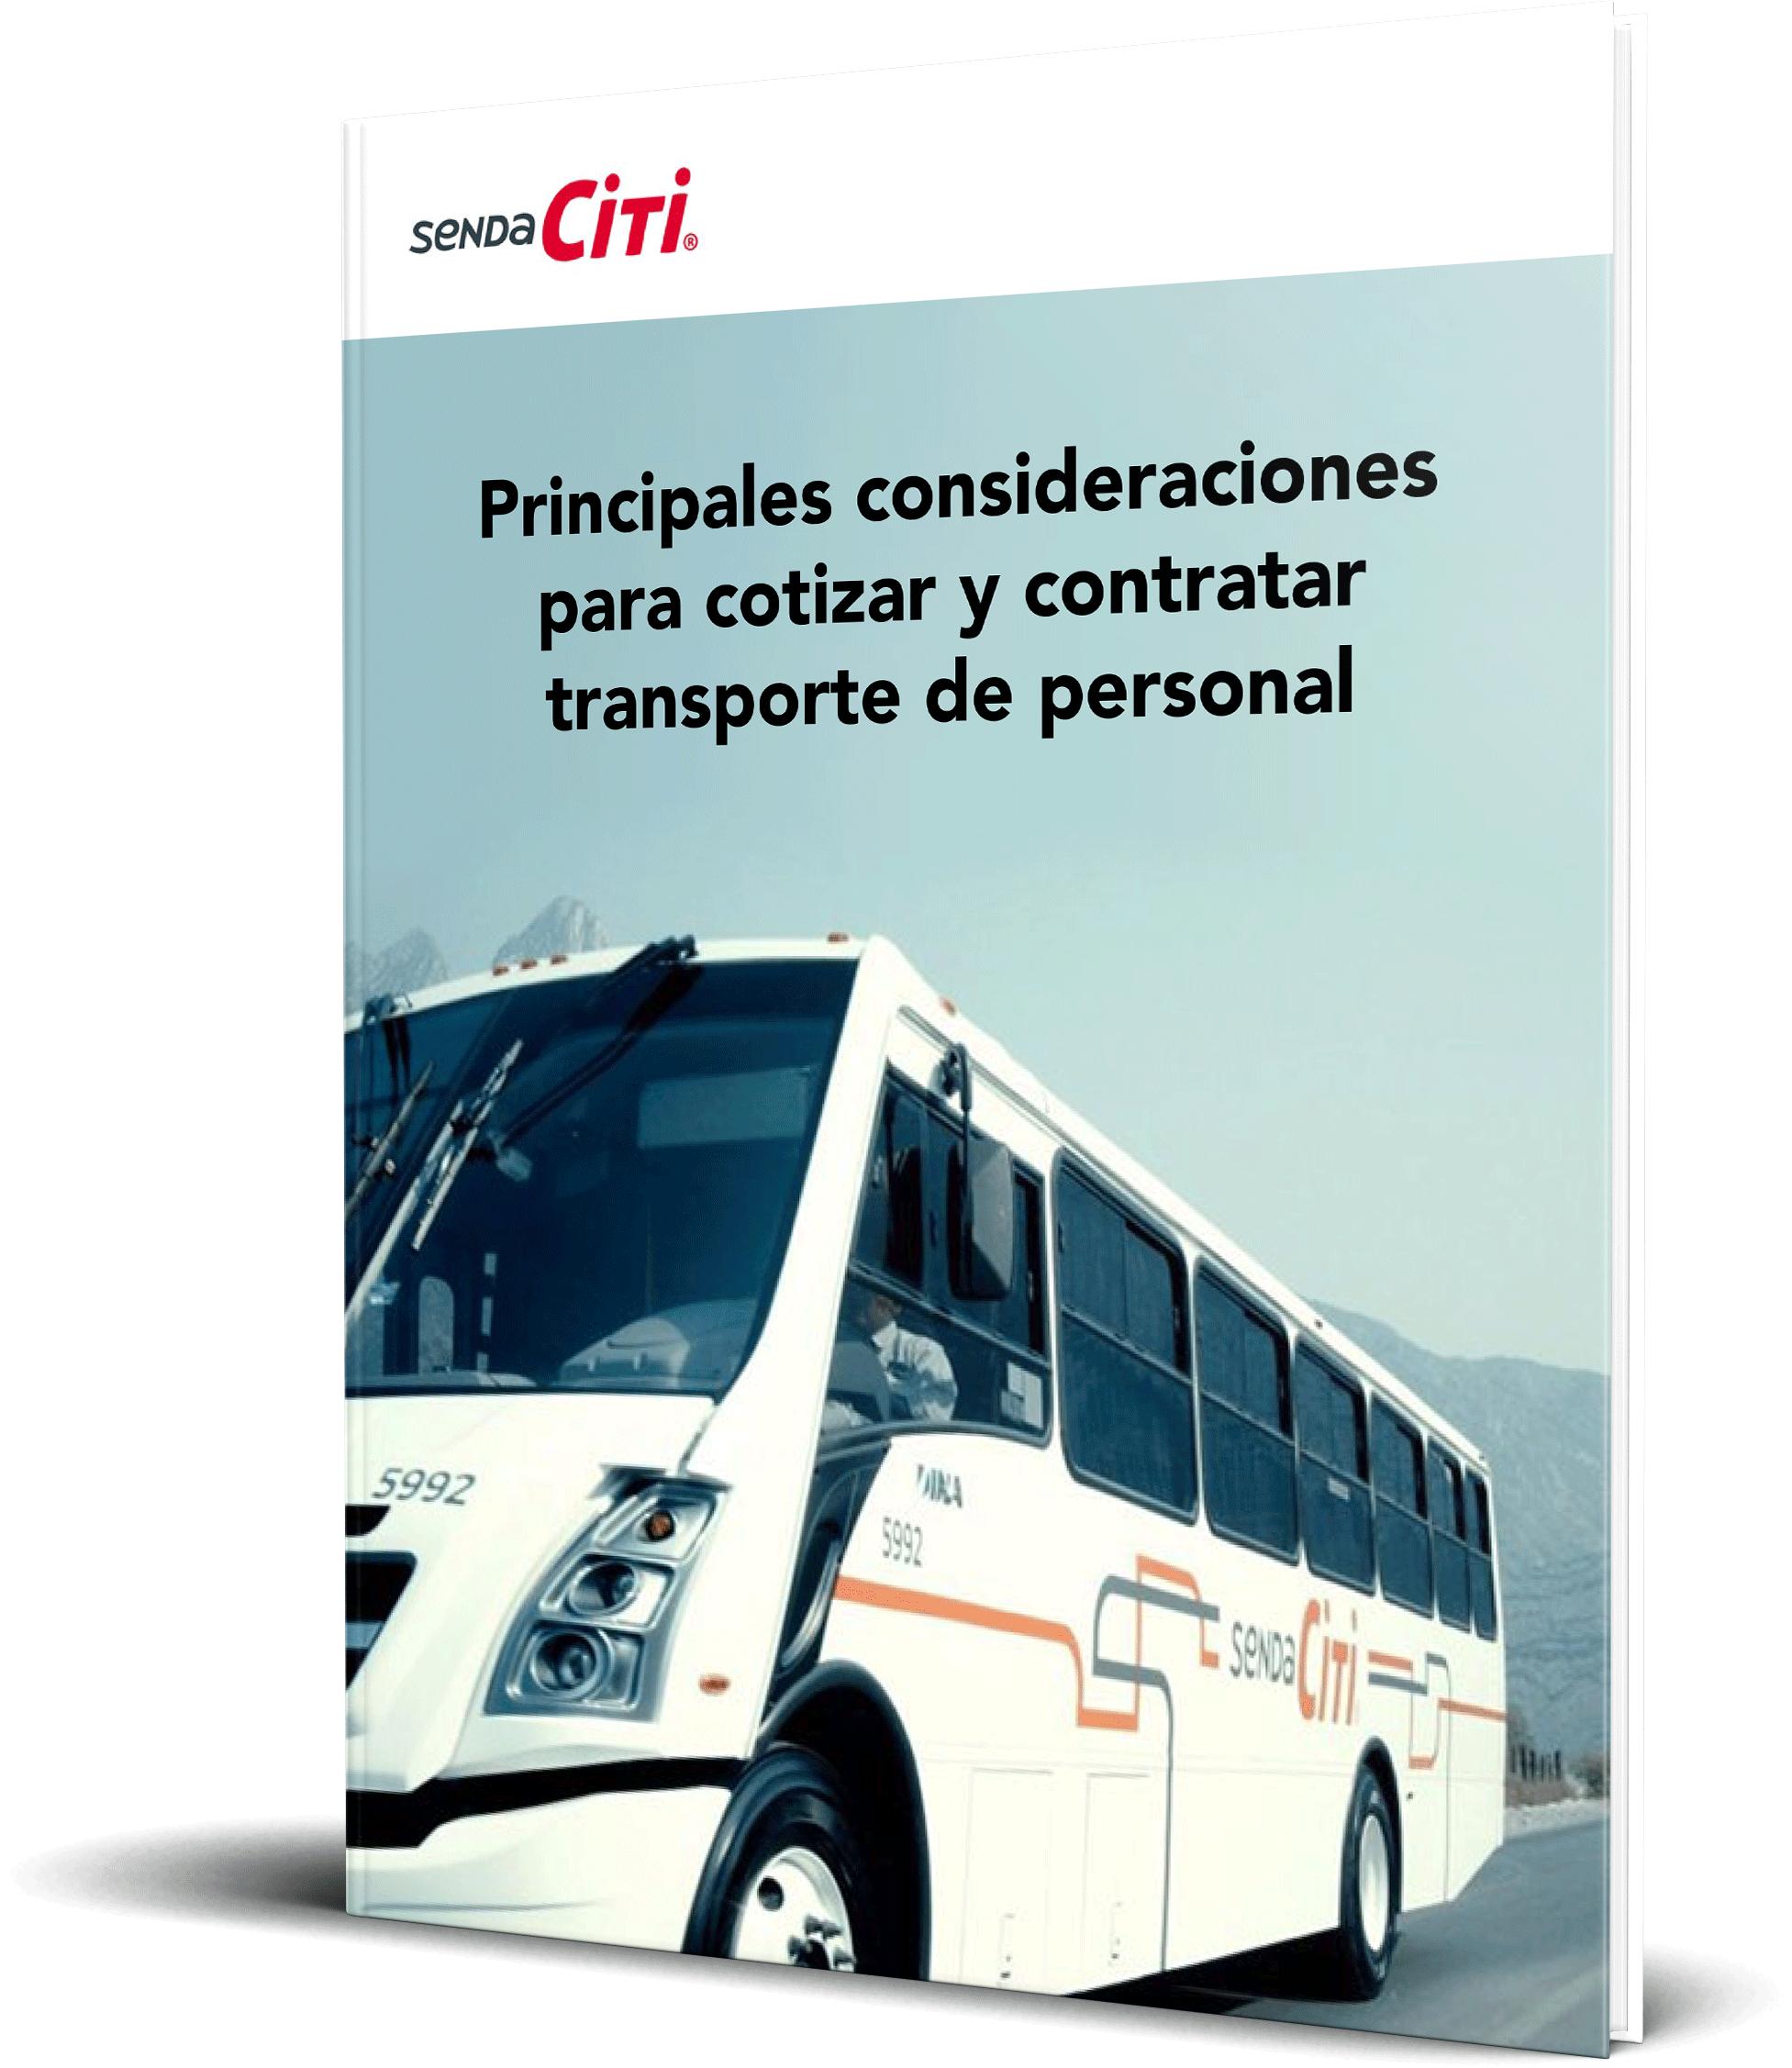 Principales consideraciones para cotizar y contratar transporte de personal